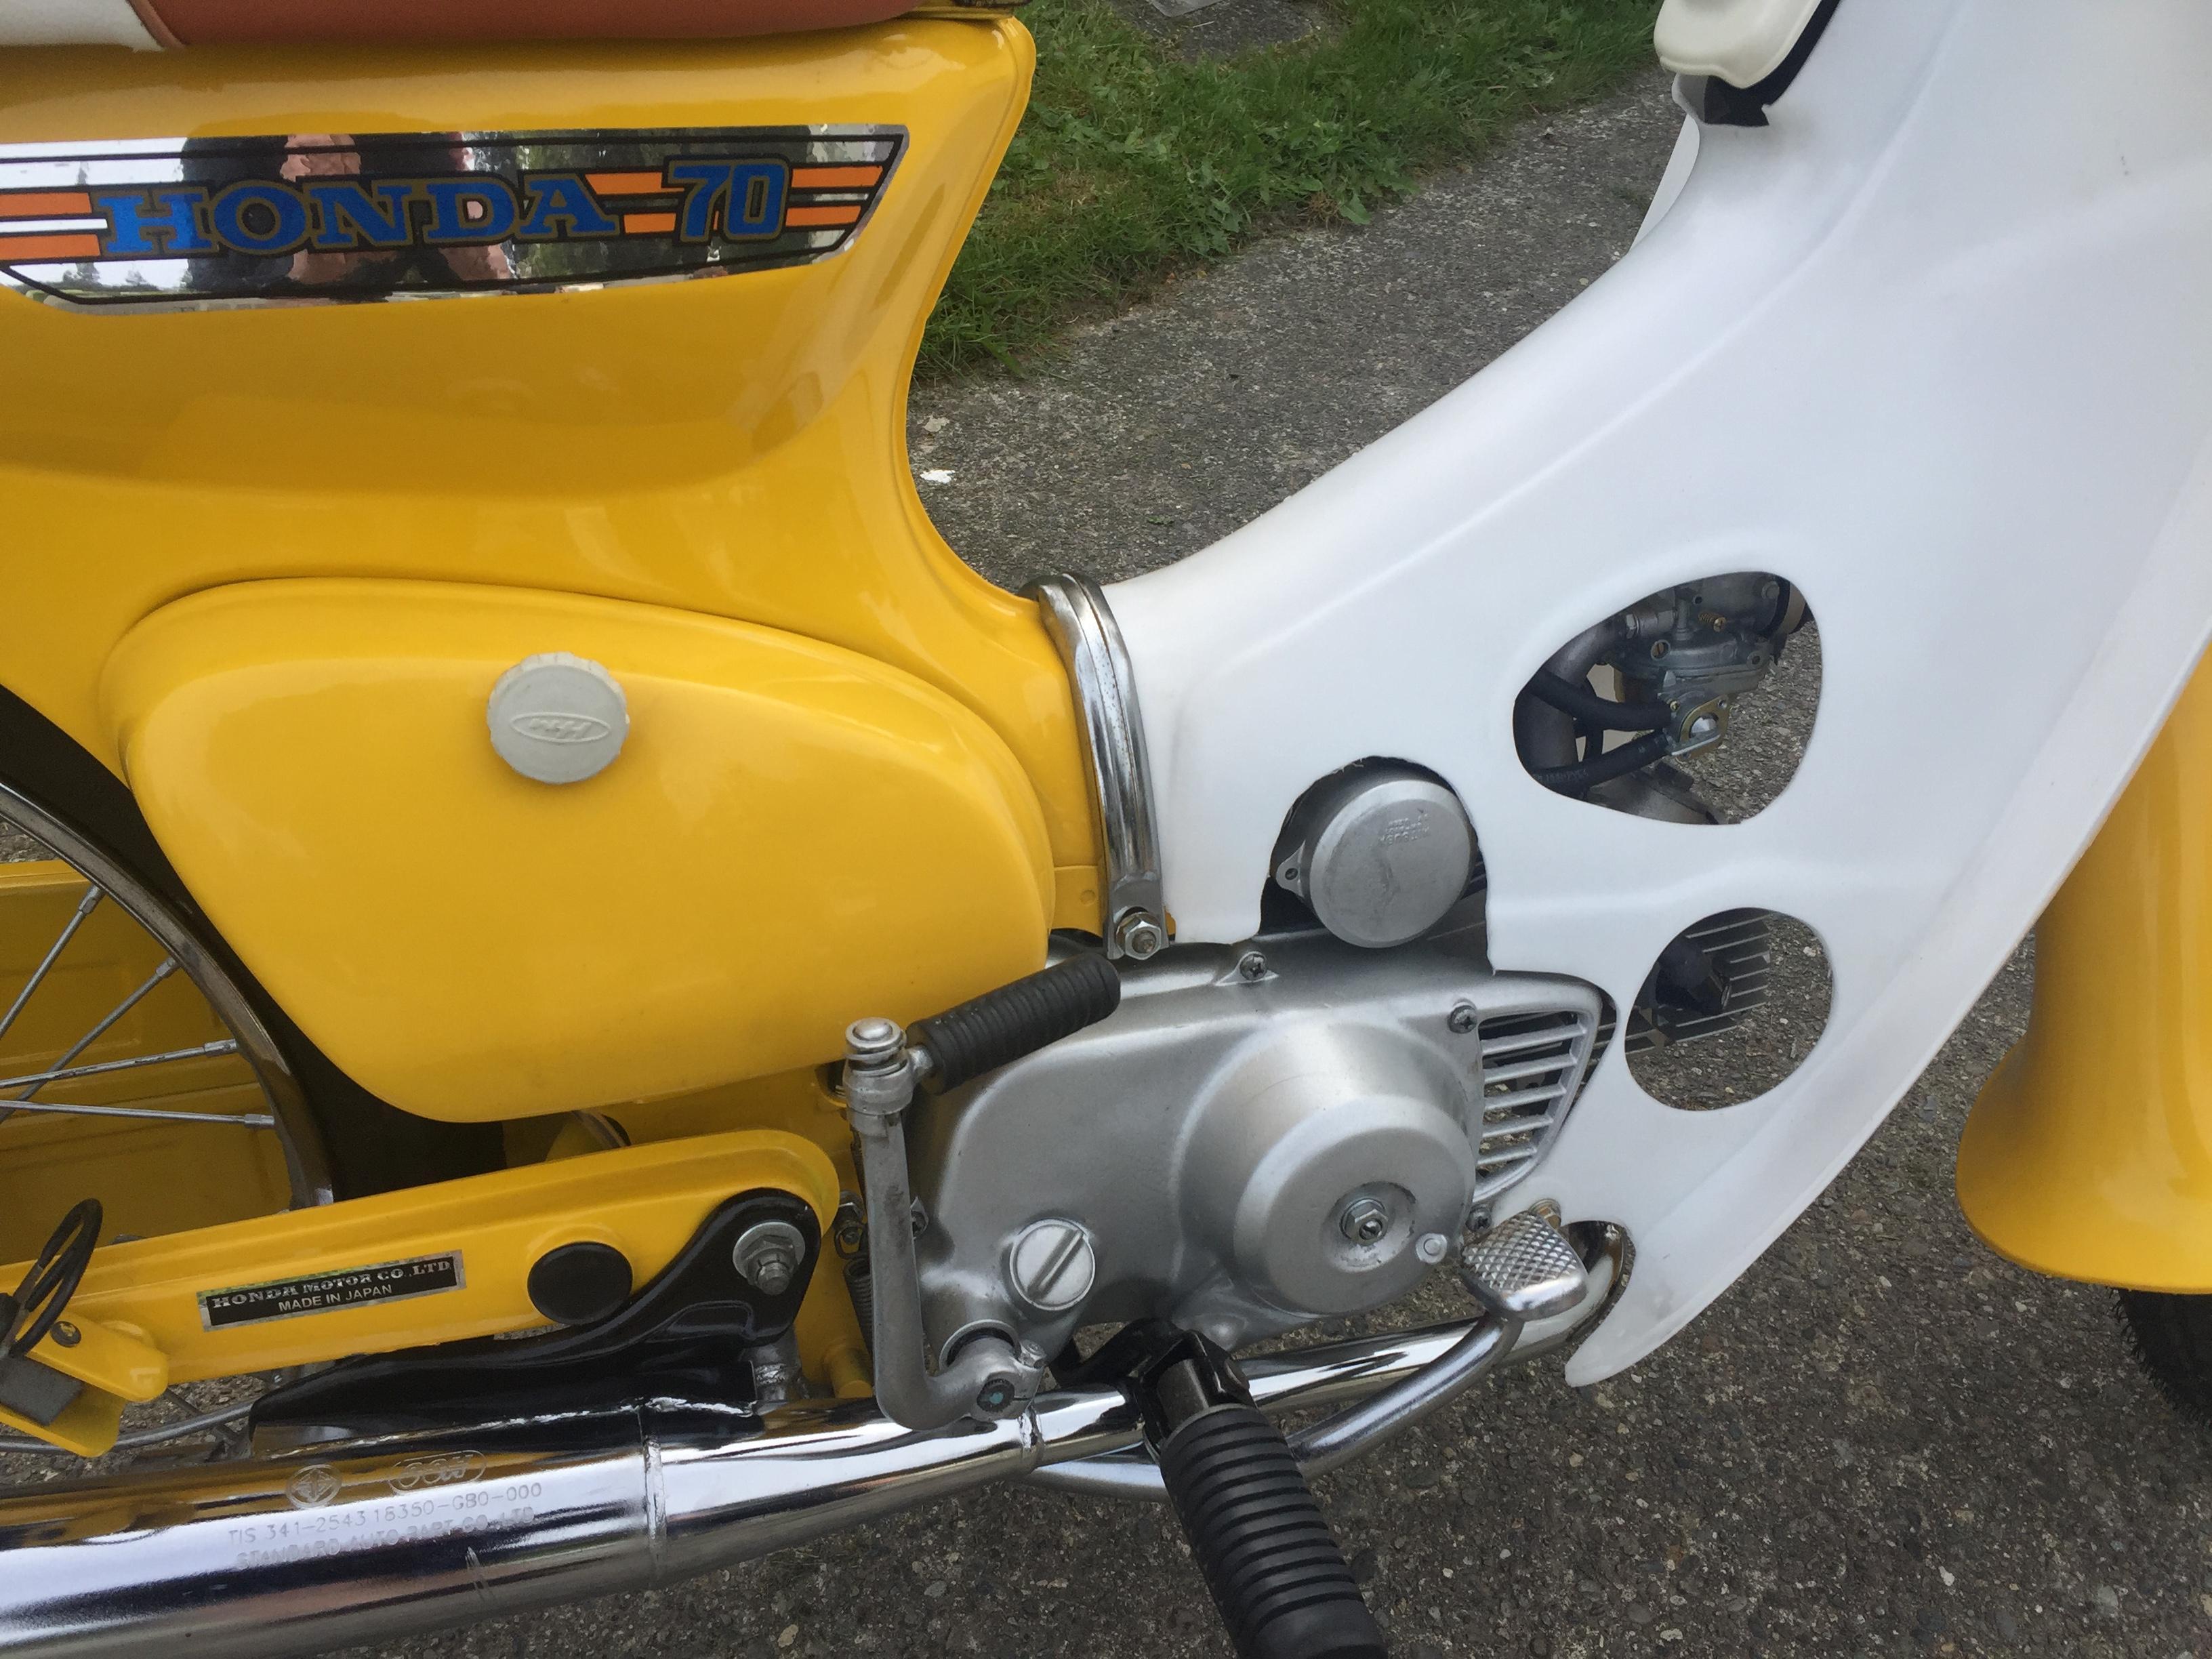 1972 Honda Cub 70 Deluxe